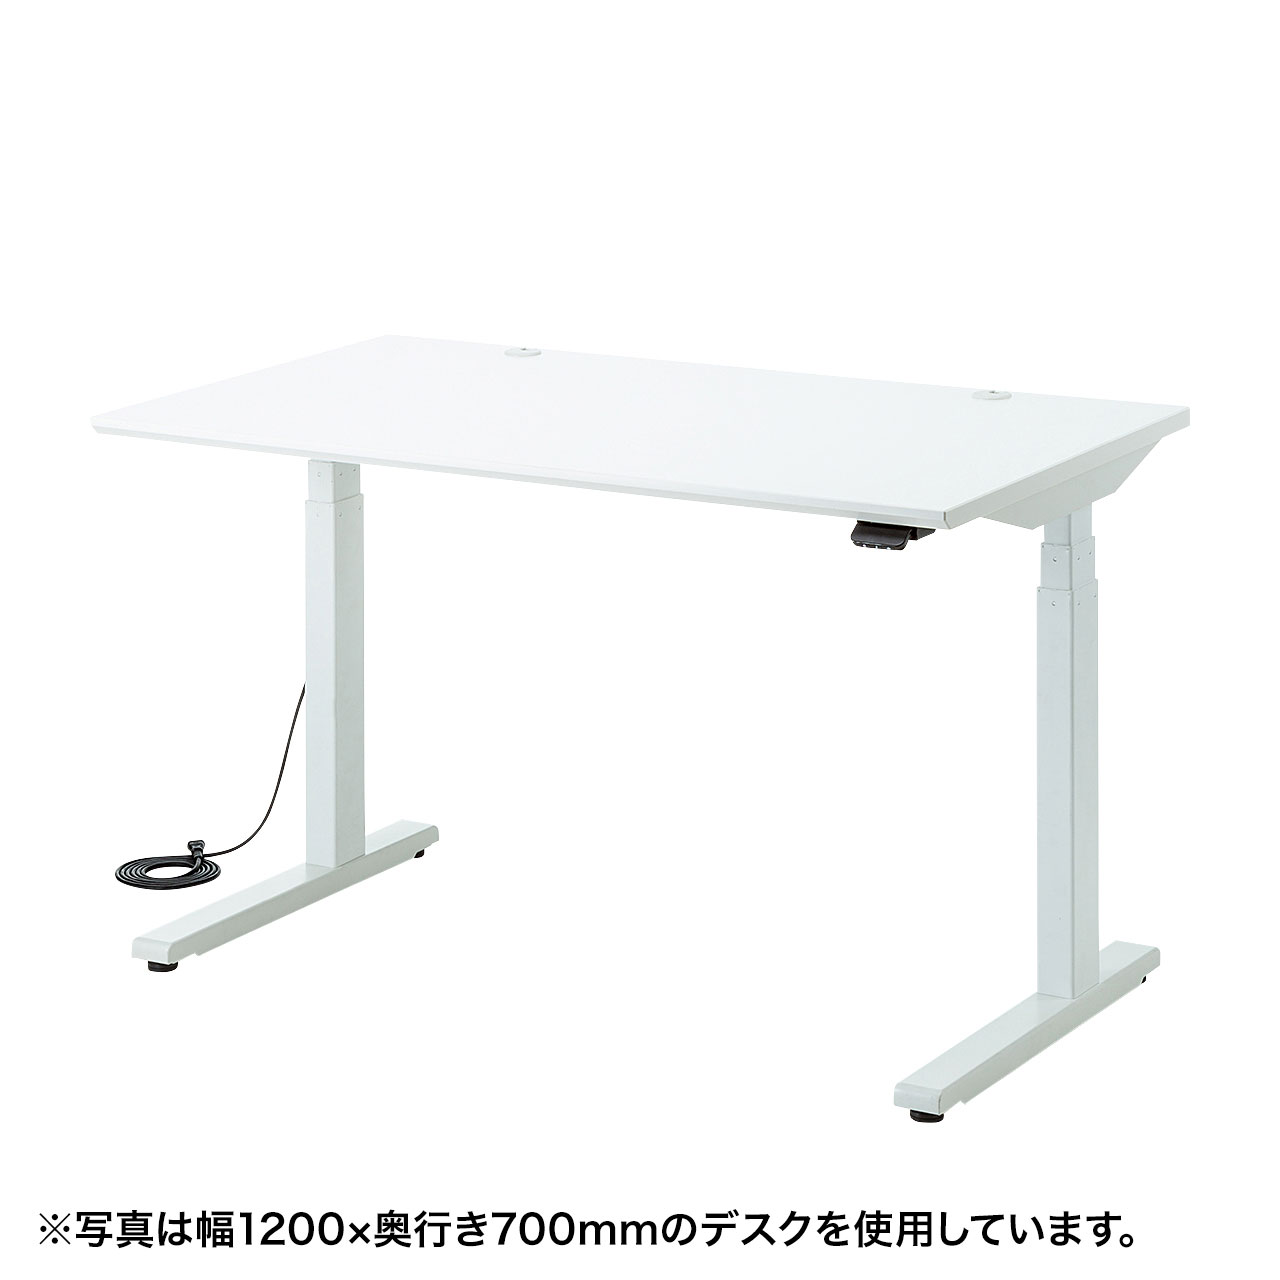 電動上下昇降デスク(W1000×D800mm・ホワイト)商品画像